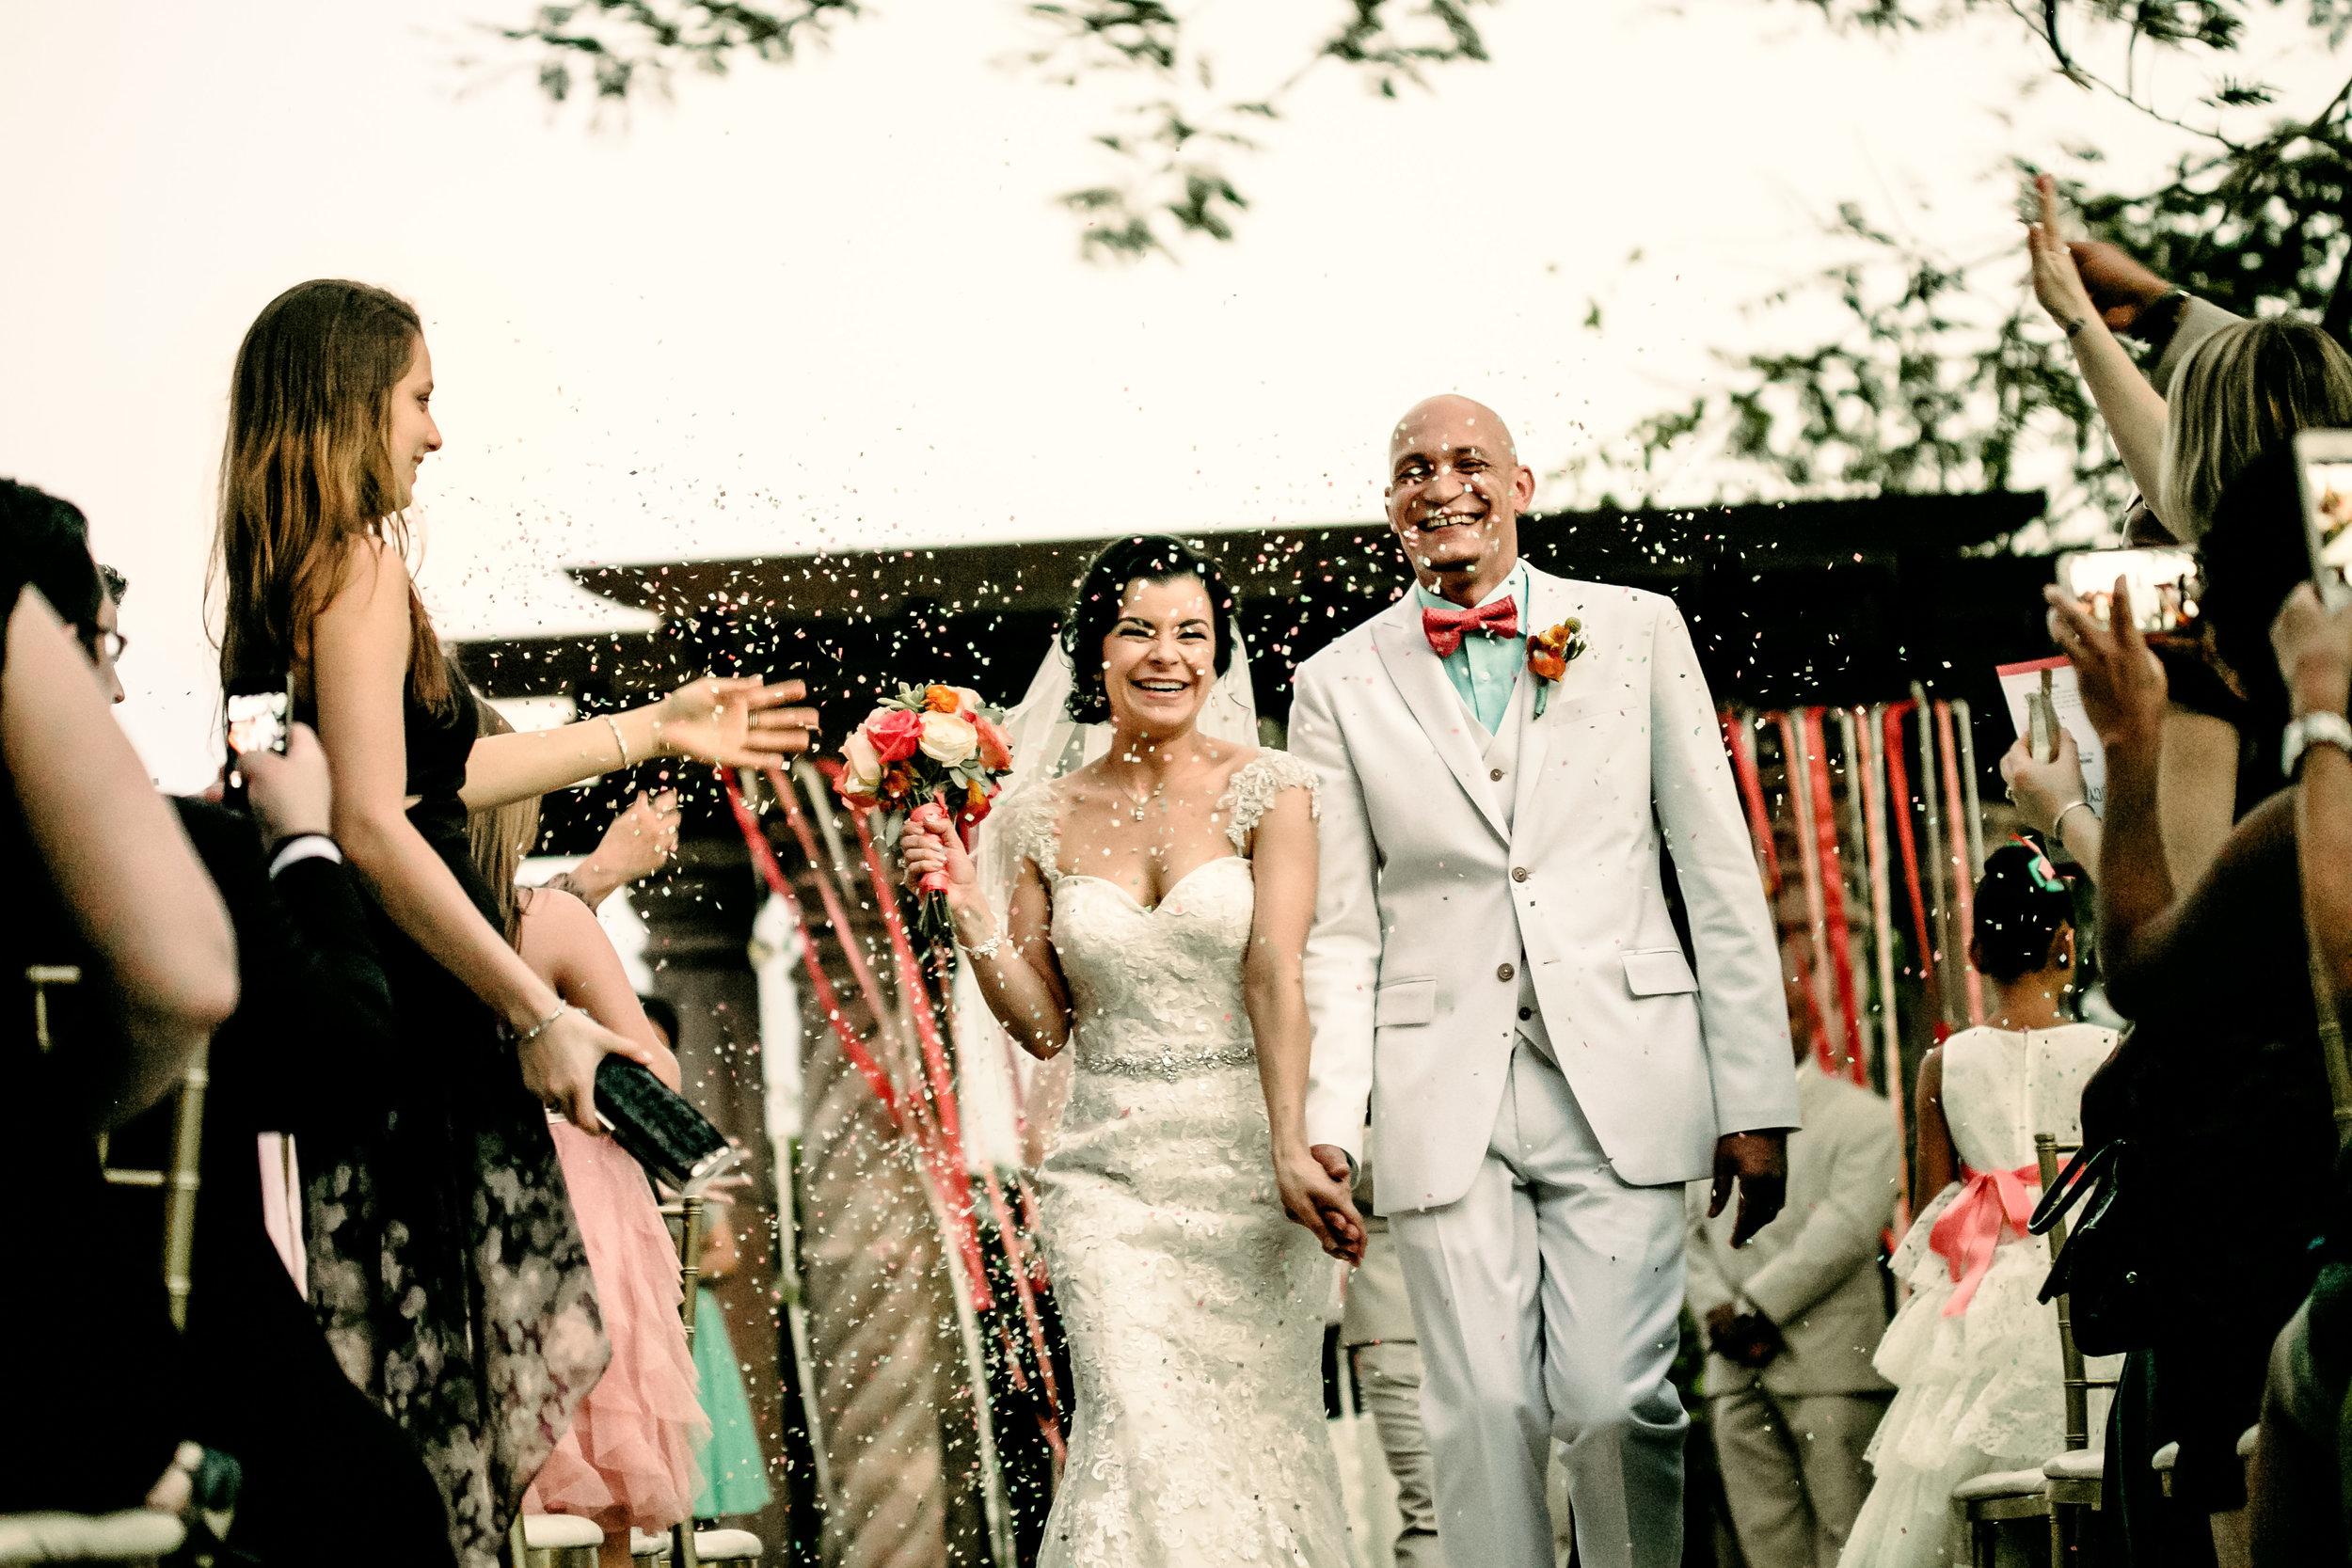 destination wedding puerto rico hacienda siesta alegre_0960.JPG